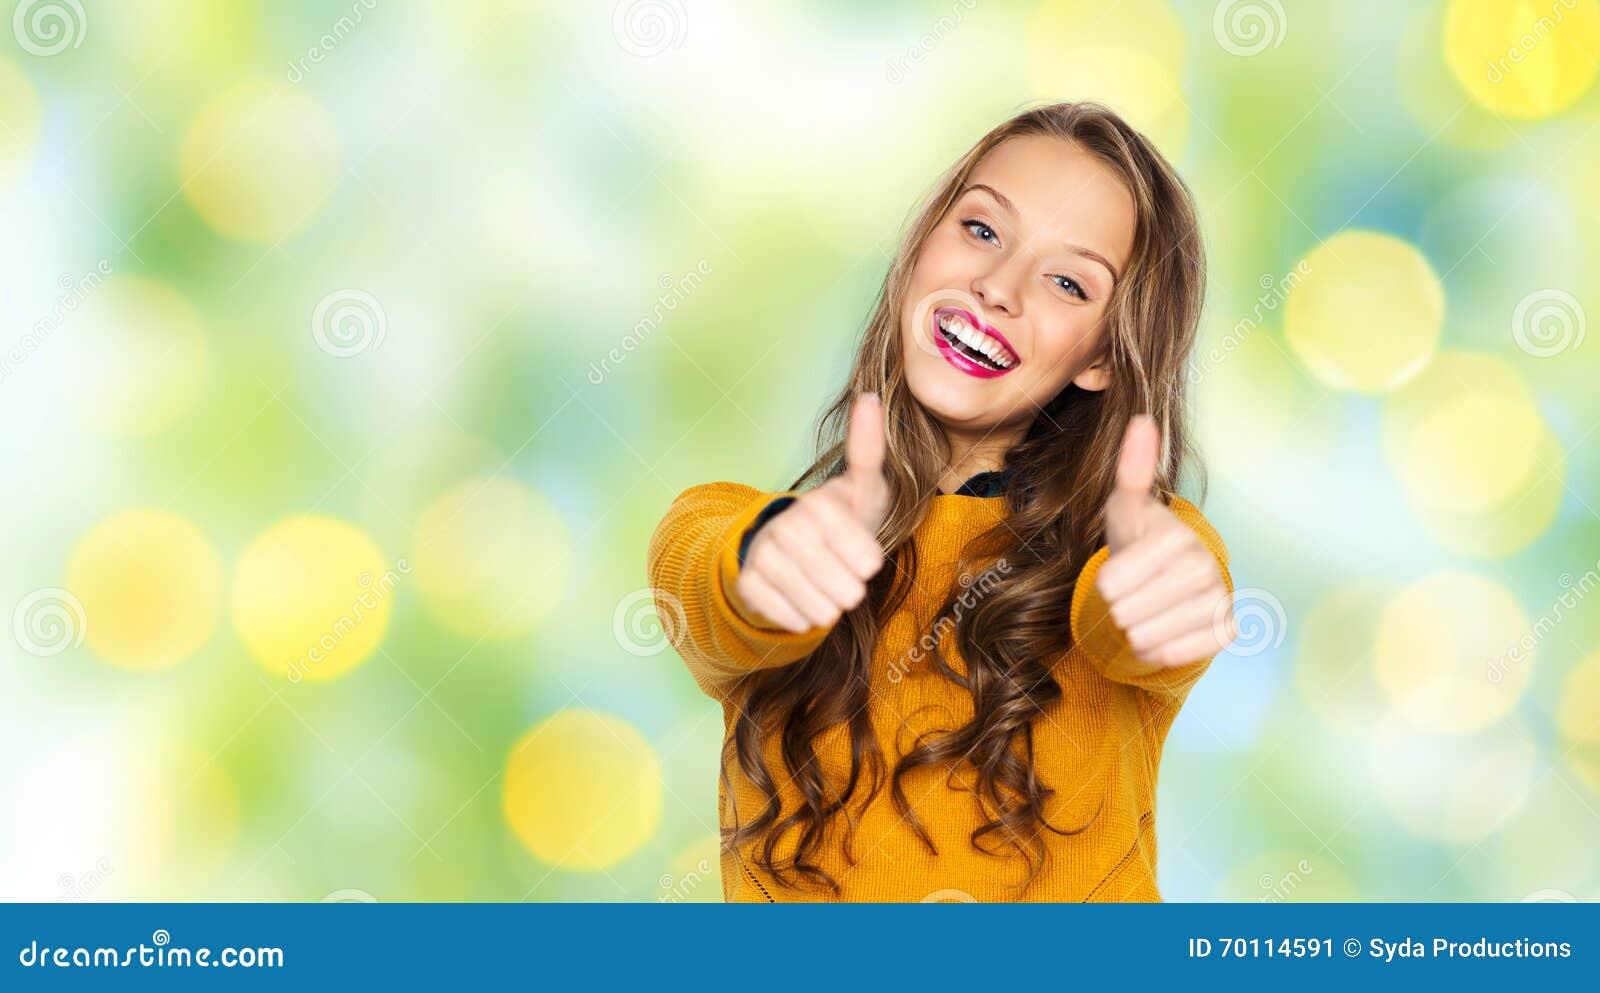 Chica adolescente alegre con pulgar arriba estudiando